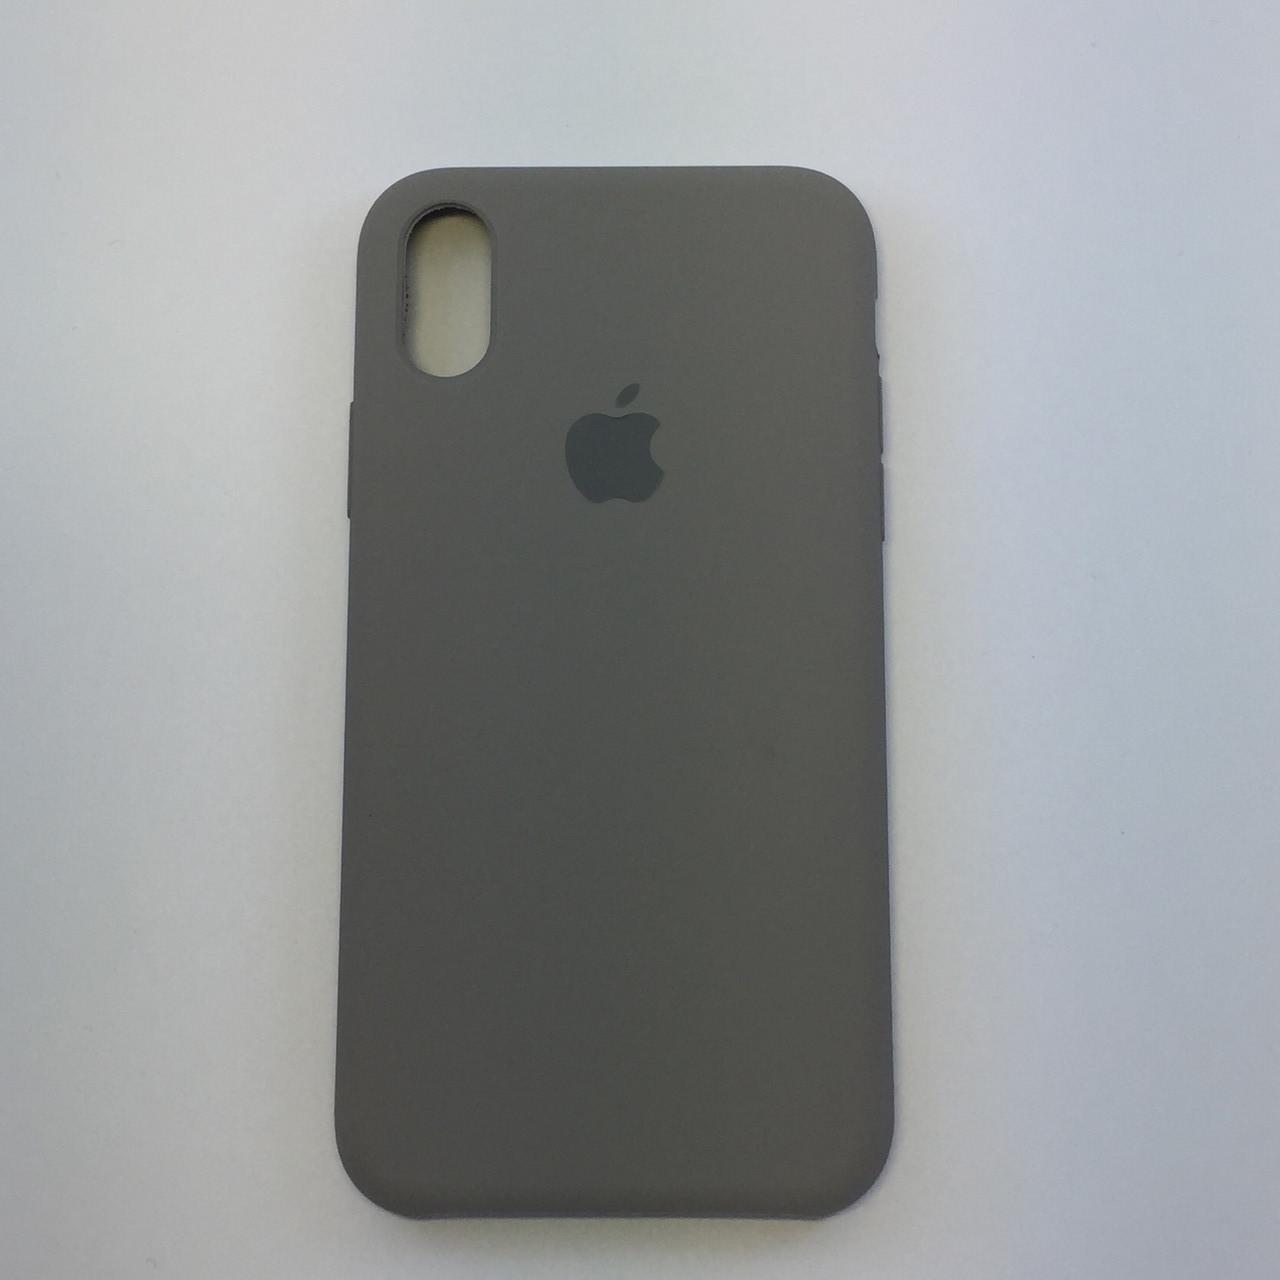 Силиконовый чехол iPhone X / Xs, темная олива, copy original